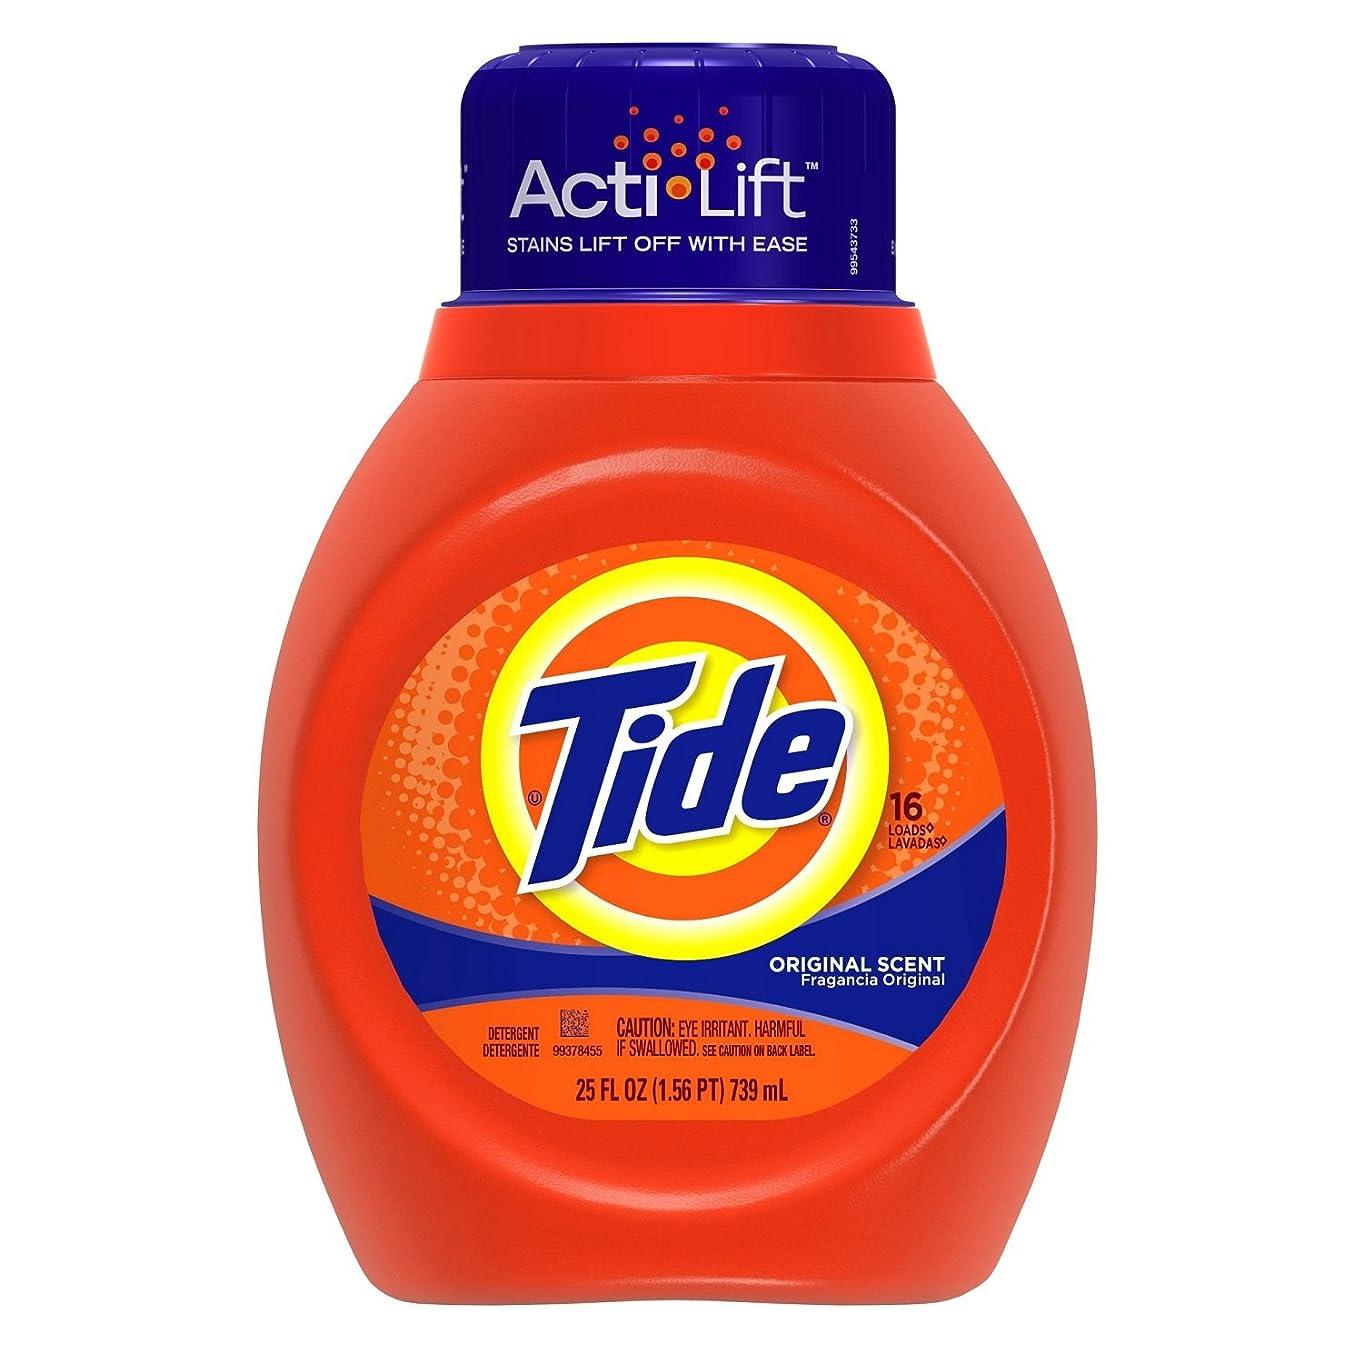 自動的にチャールズキージング肉腫Tide (タイド) 洗濯洗剤 液体 濃縮タイプ 739ml